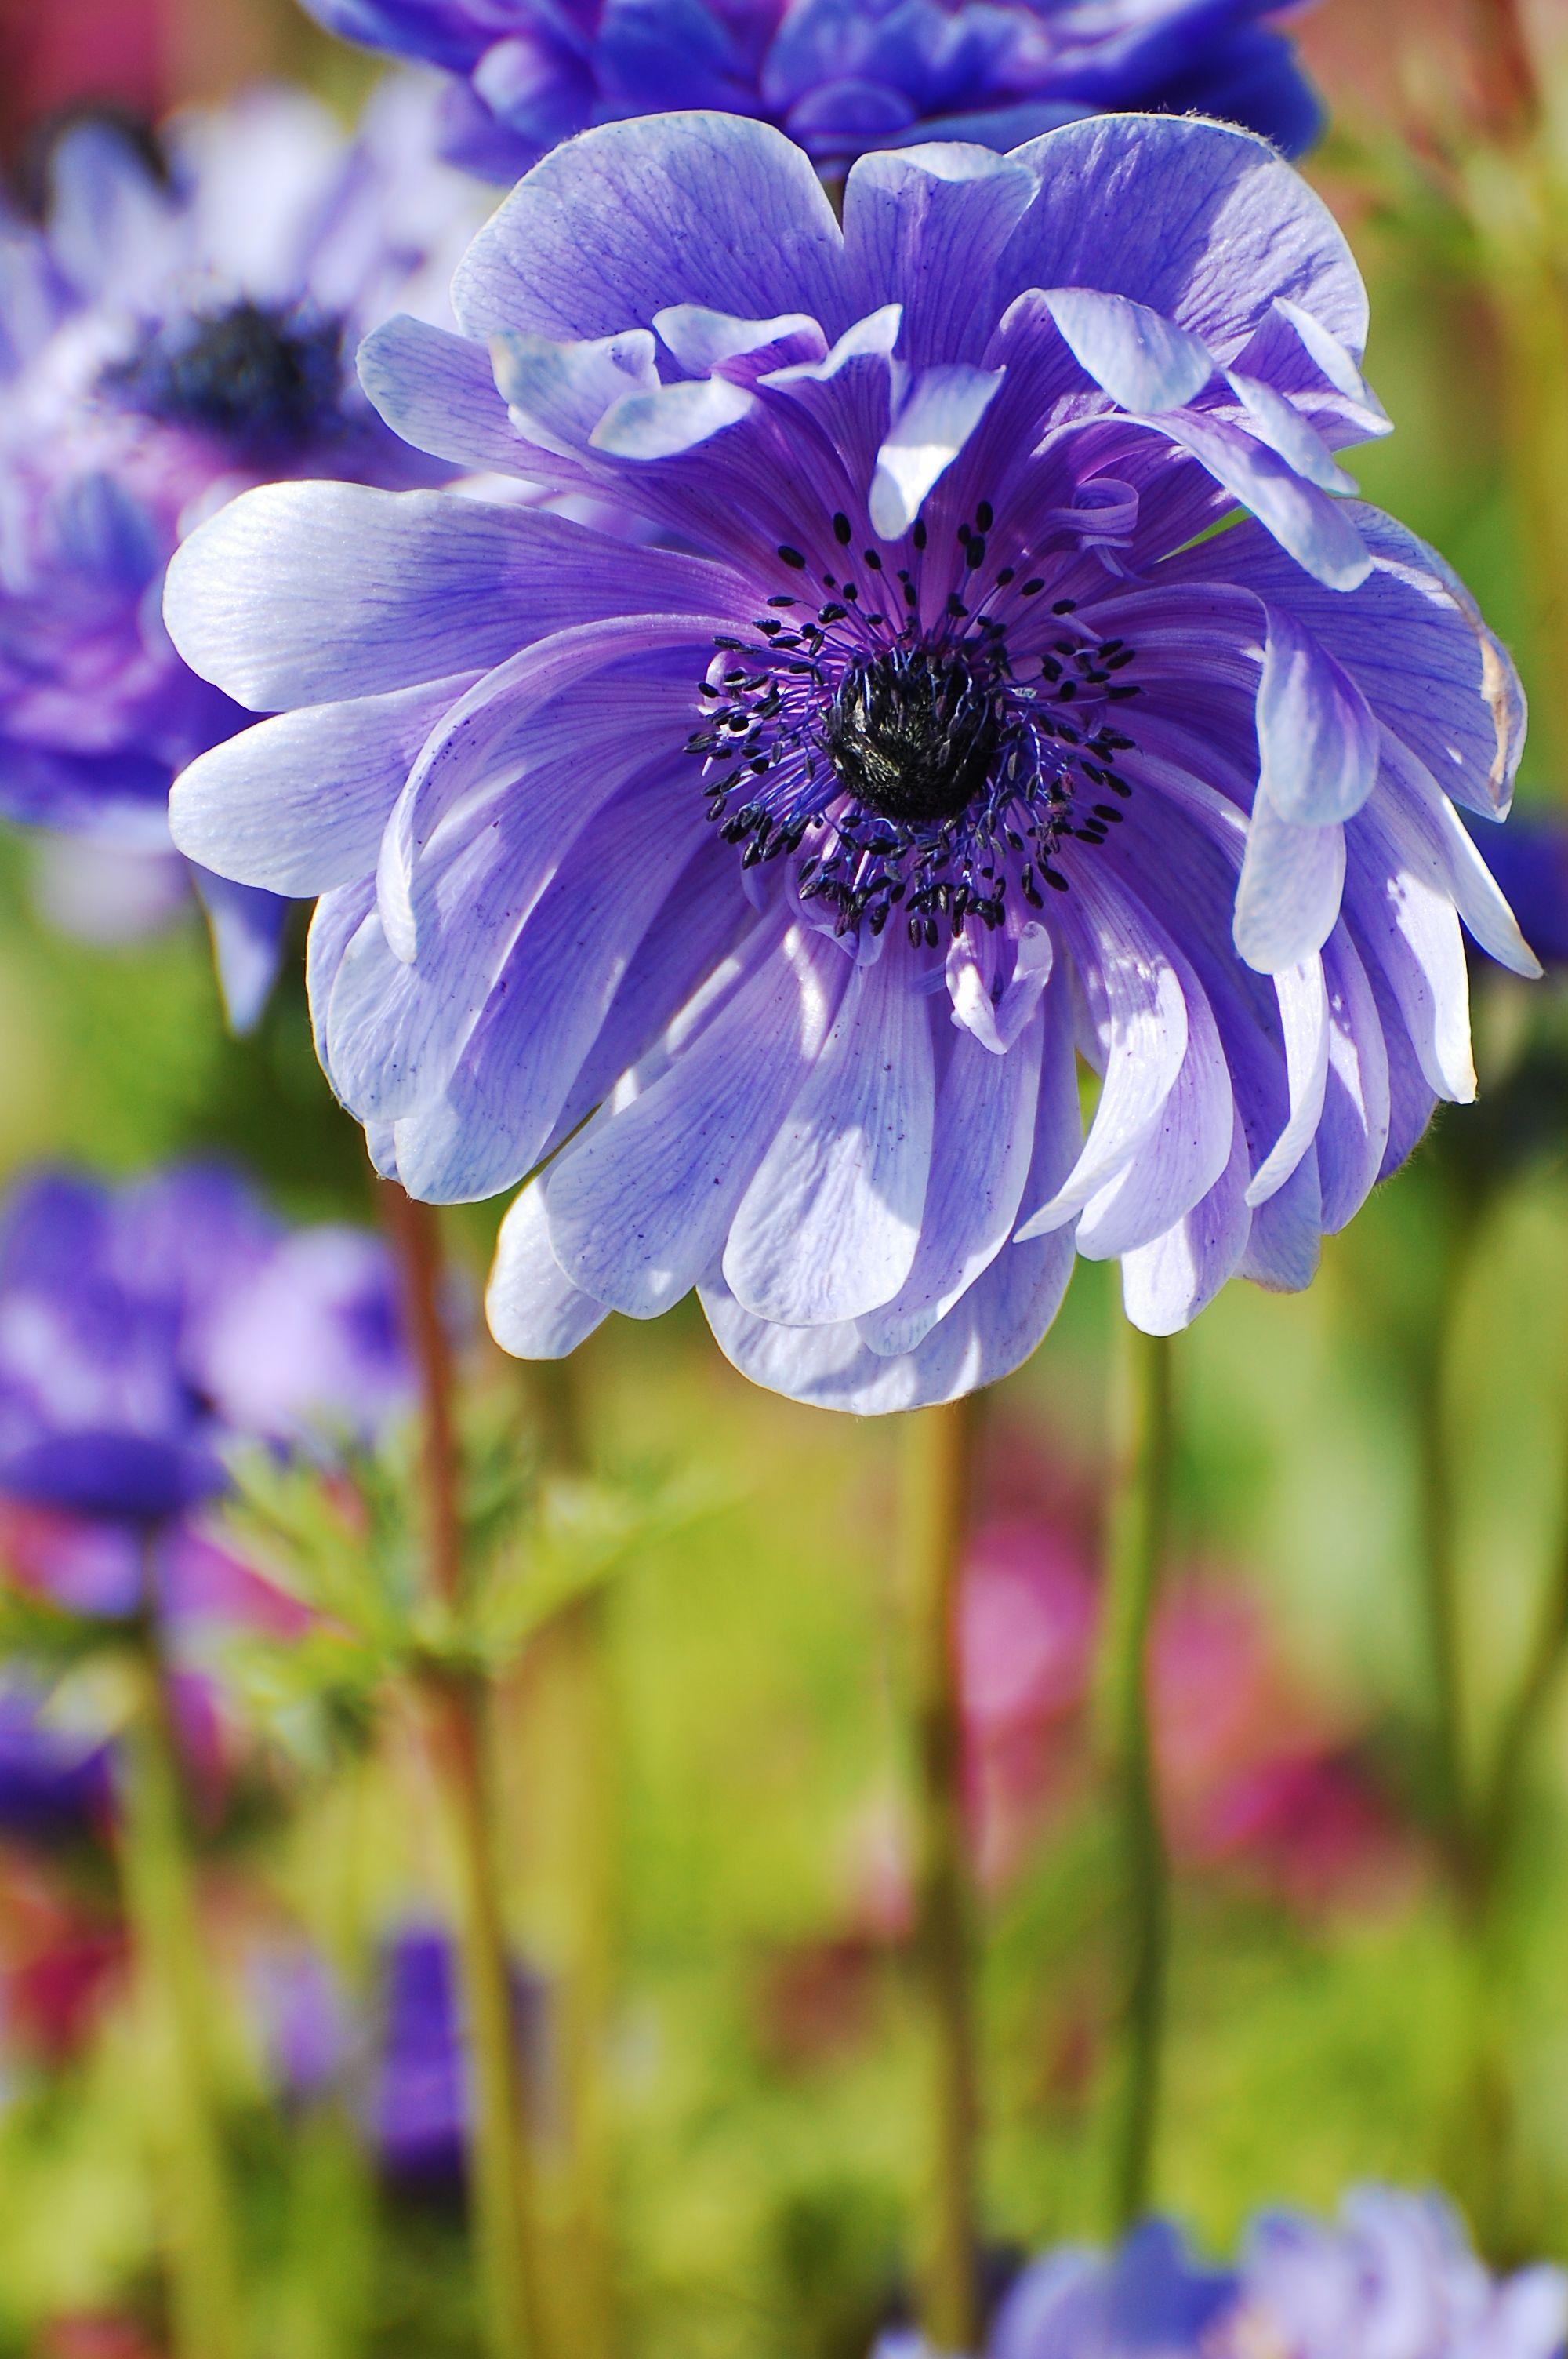 Purple Passion Plants, Nature, Photography